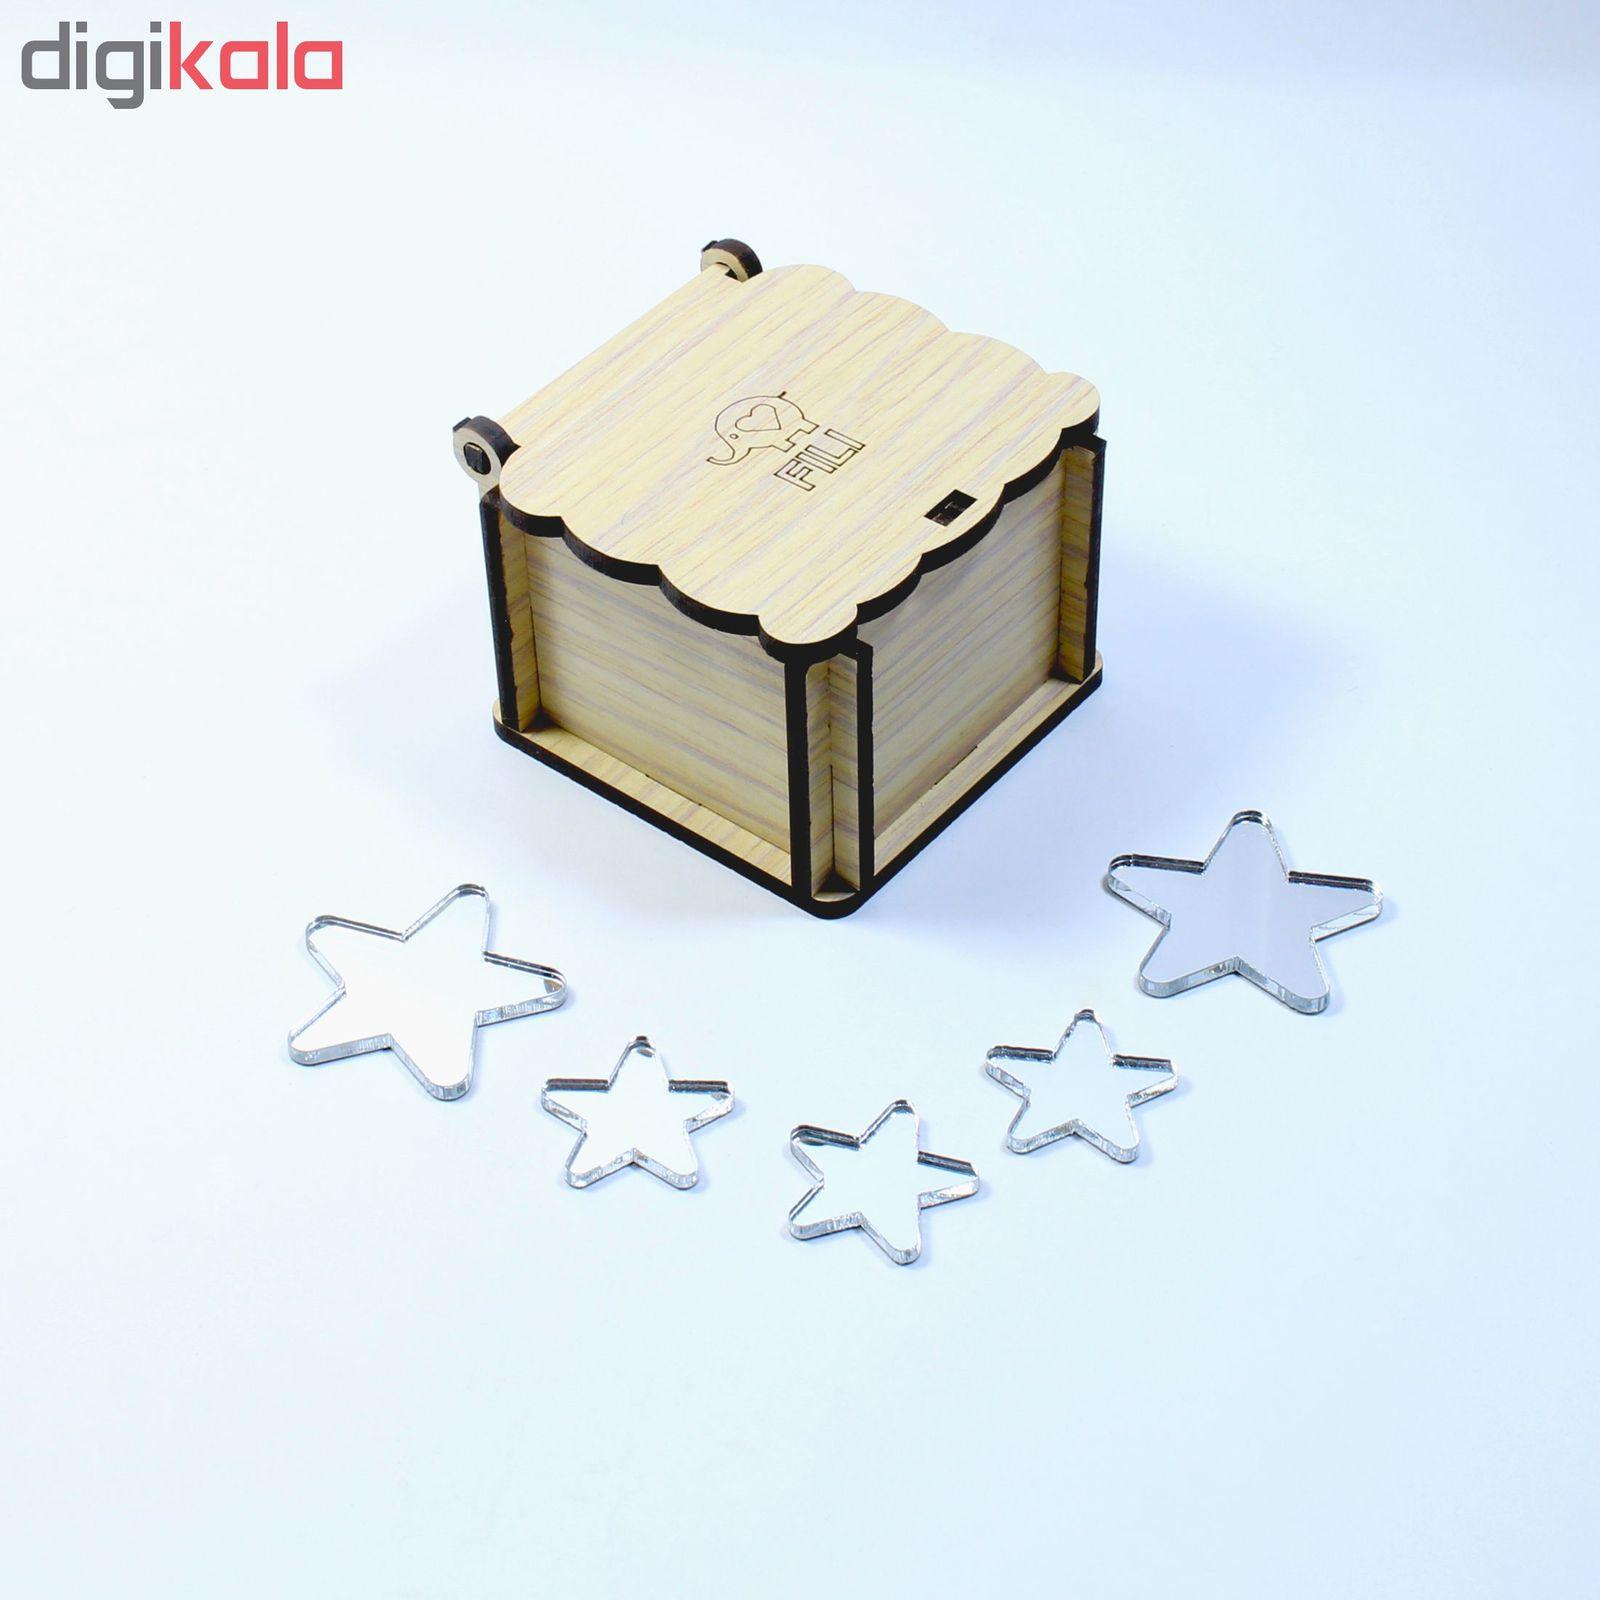 آینه فیلی طرح ستاره های سر گرد کد PG009 main 1 8